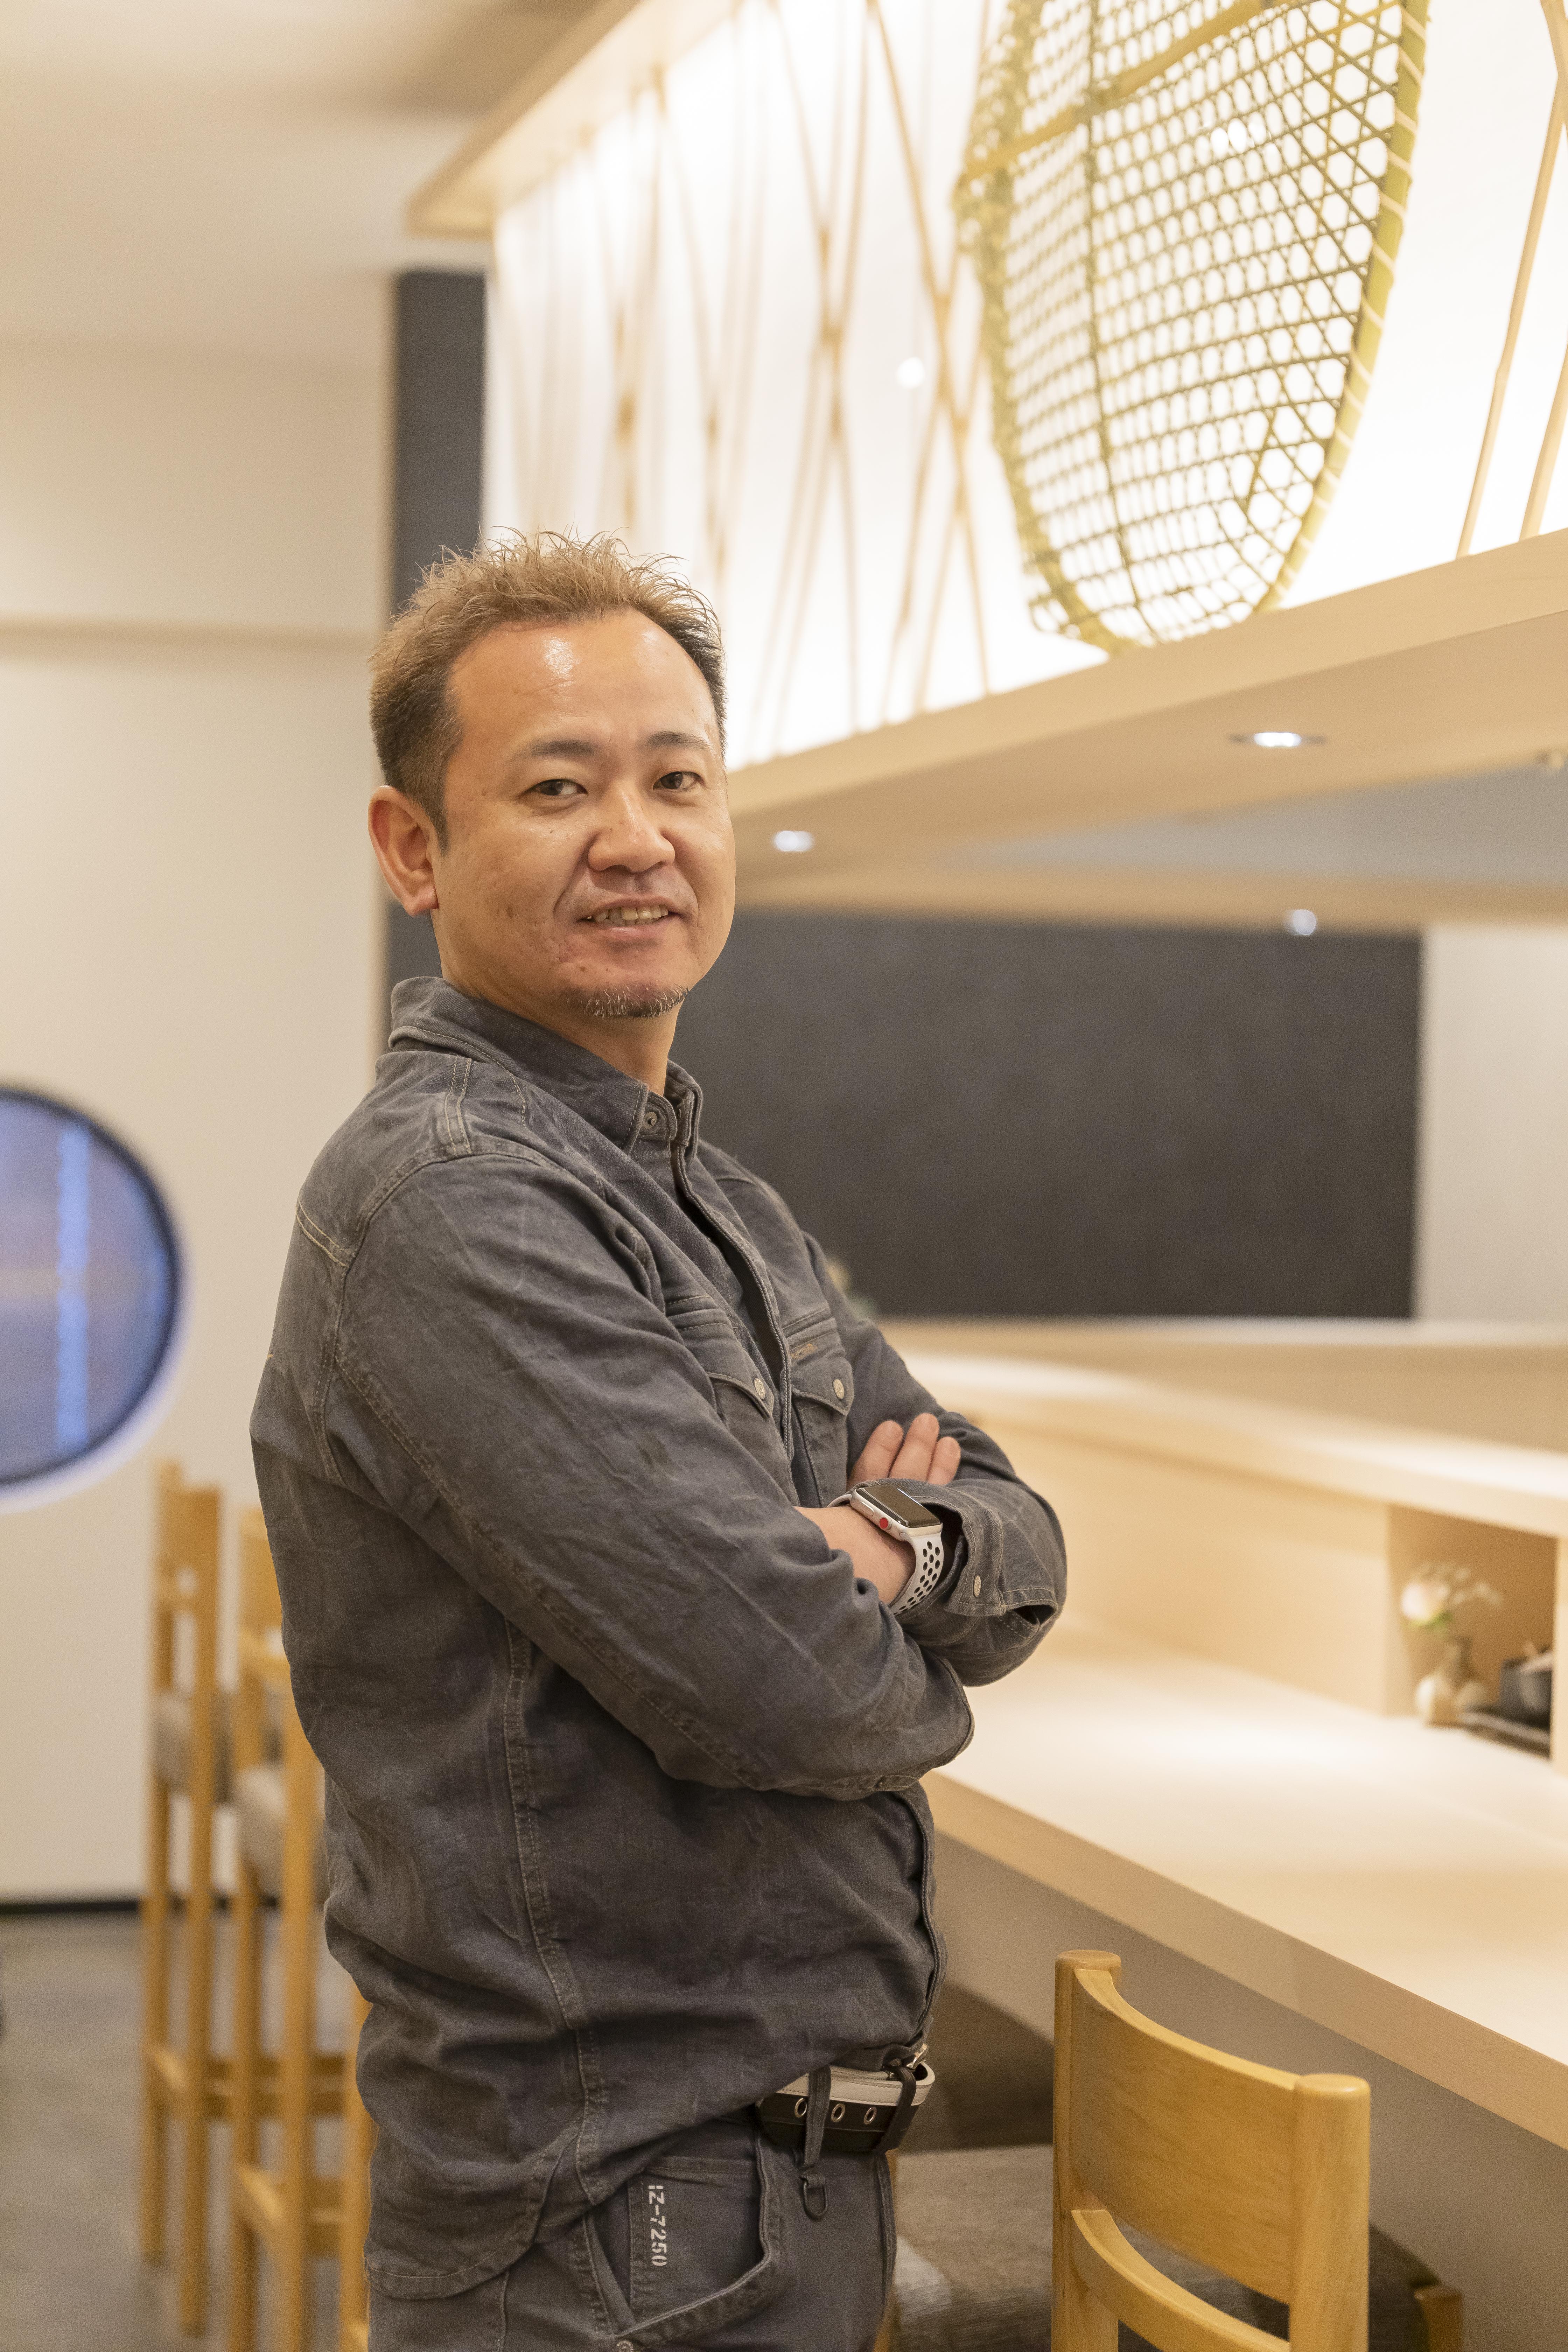 代表者 坂田達磨:TAD株式会社